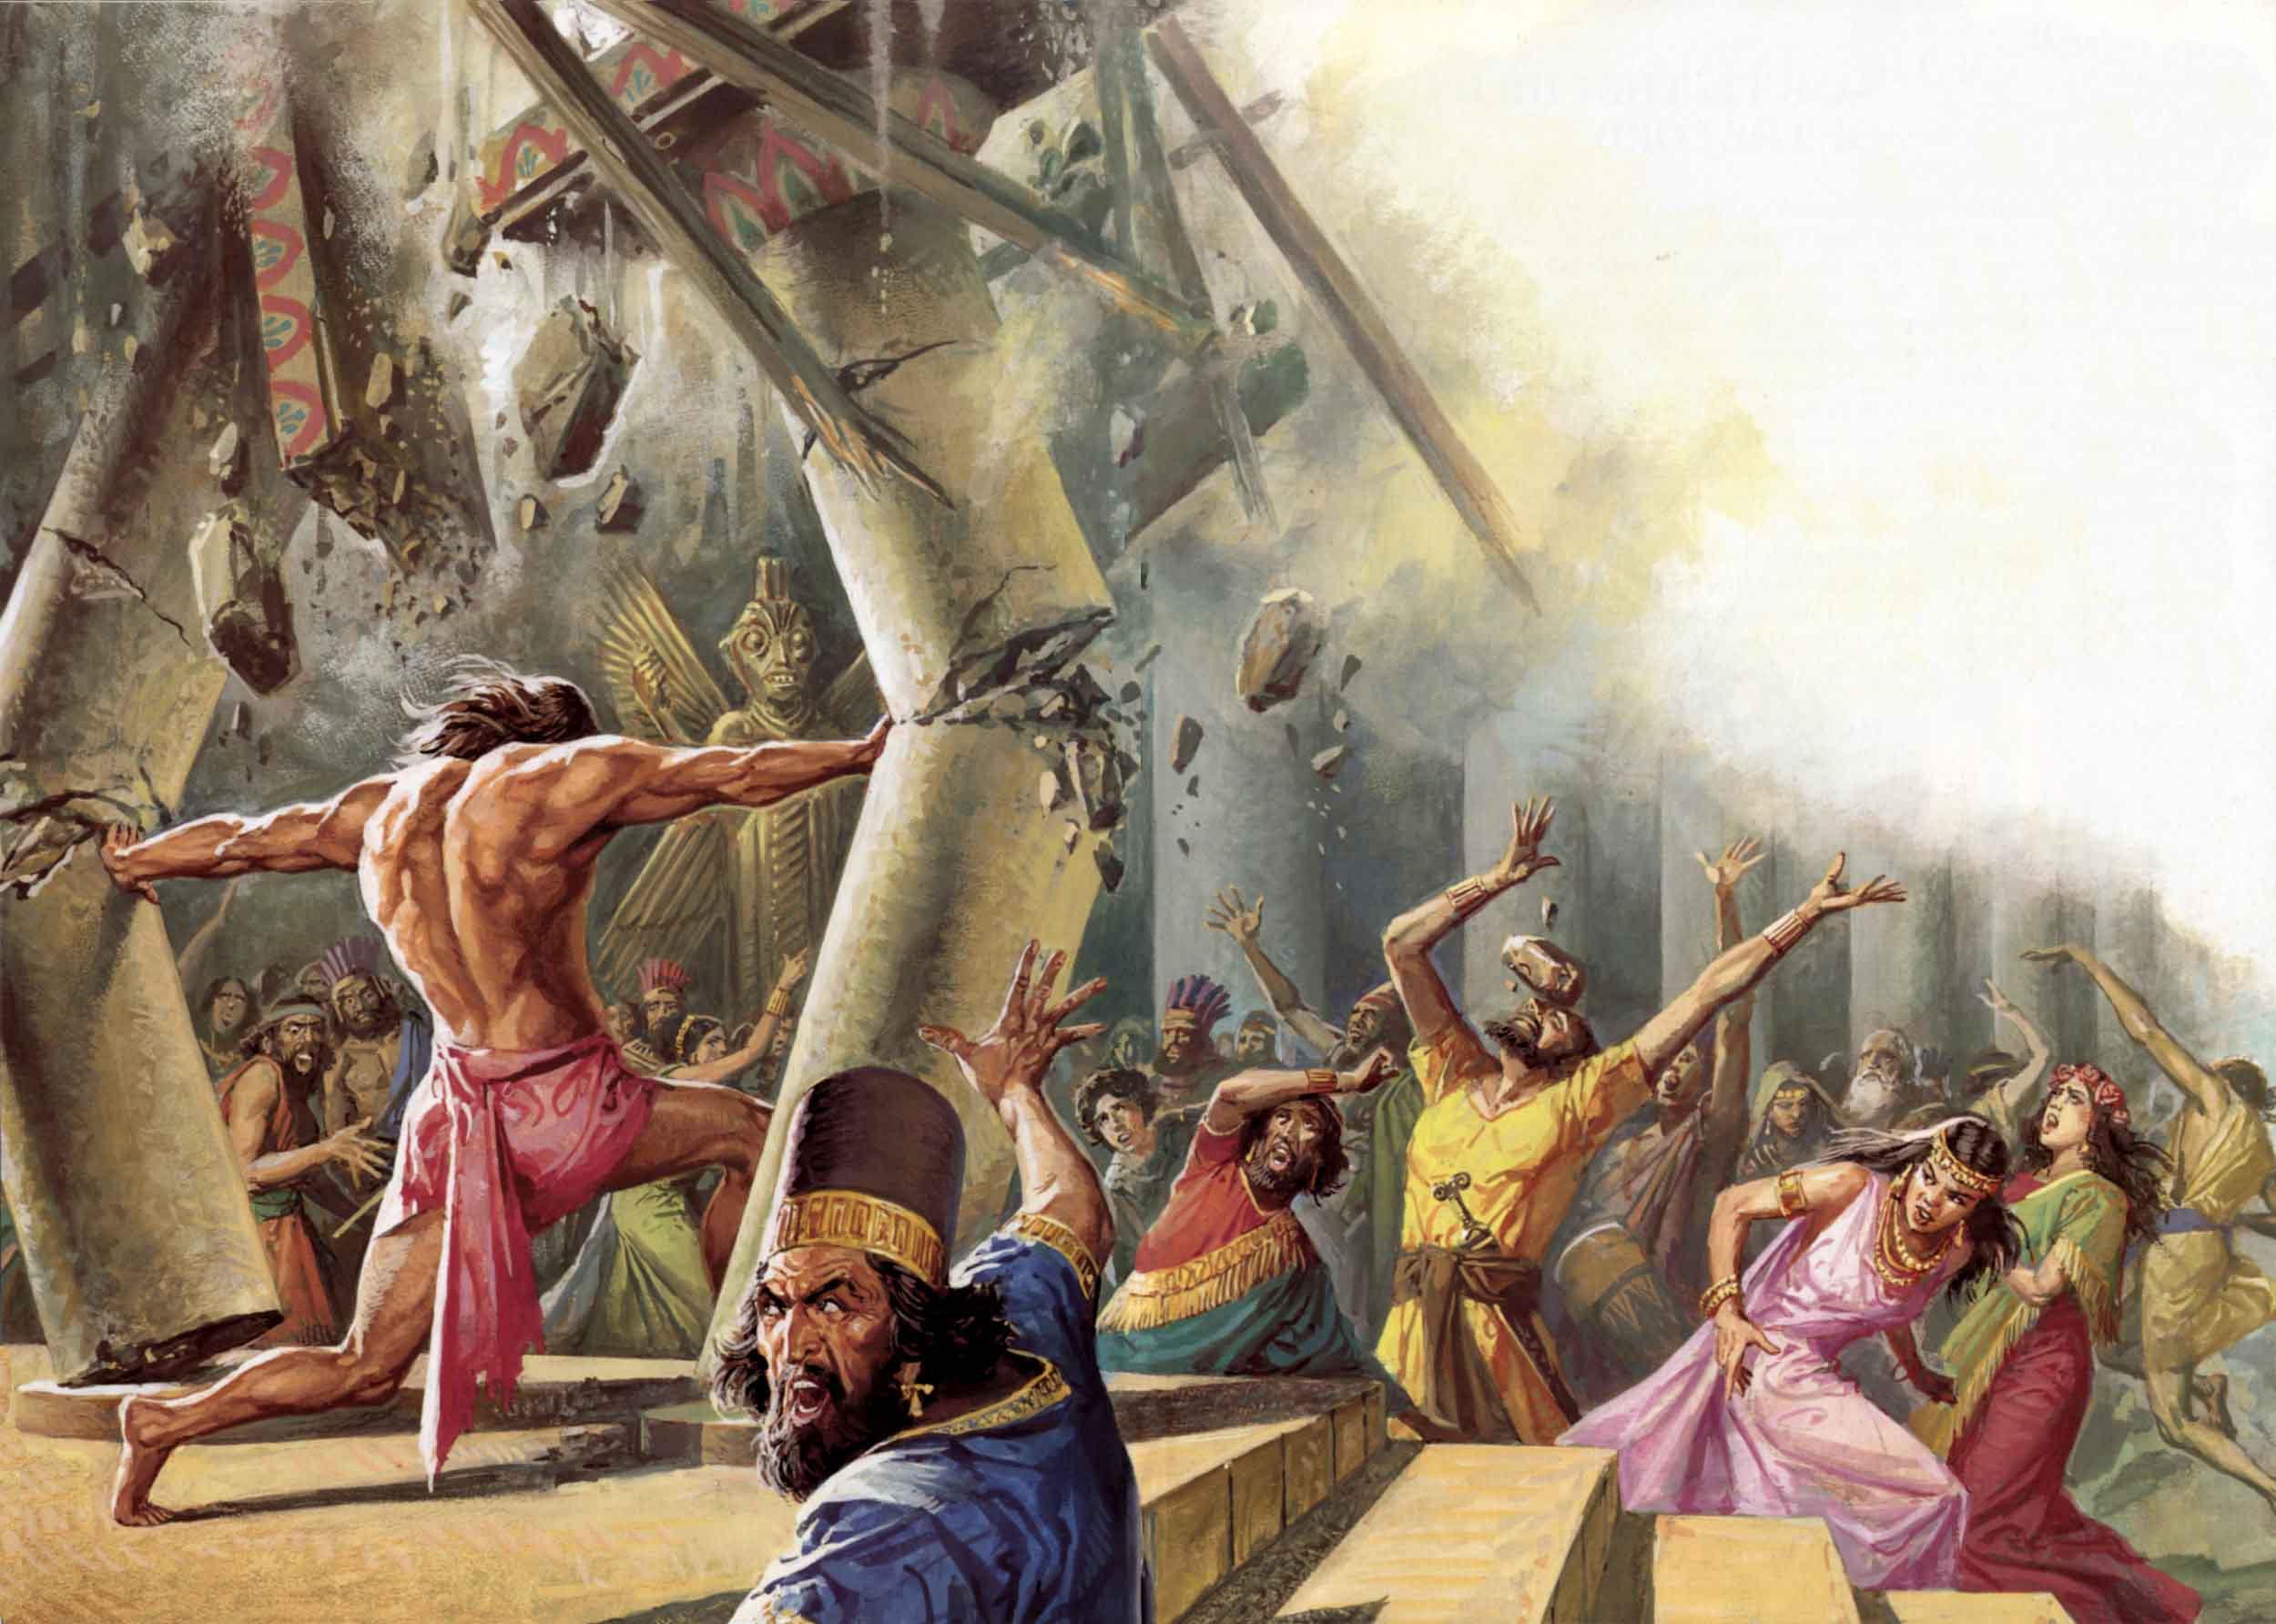 """Nhân vật """"siêu anh hùng"""" Samson trong Kinh Thánh là có thật? - ảnh 4"""